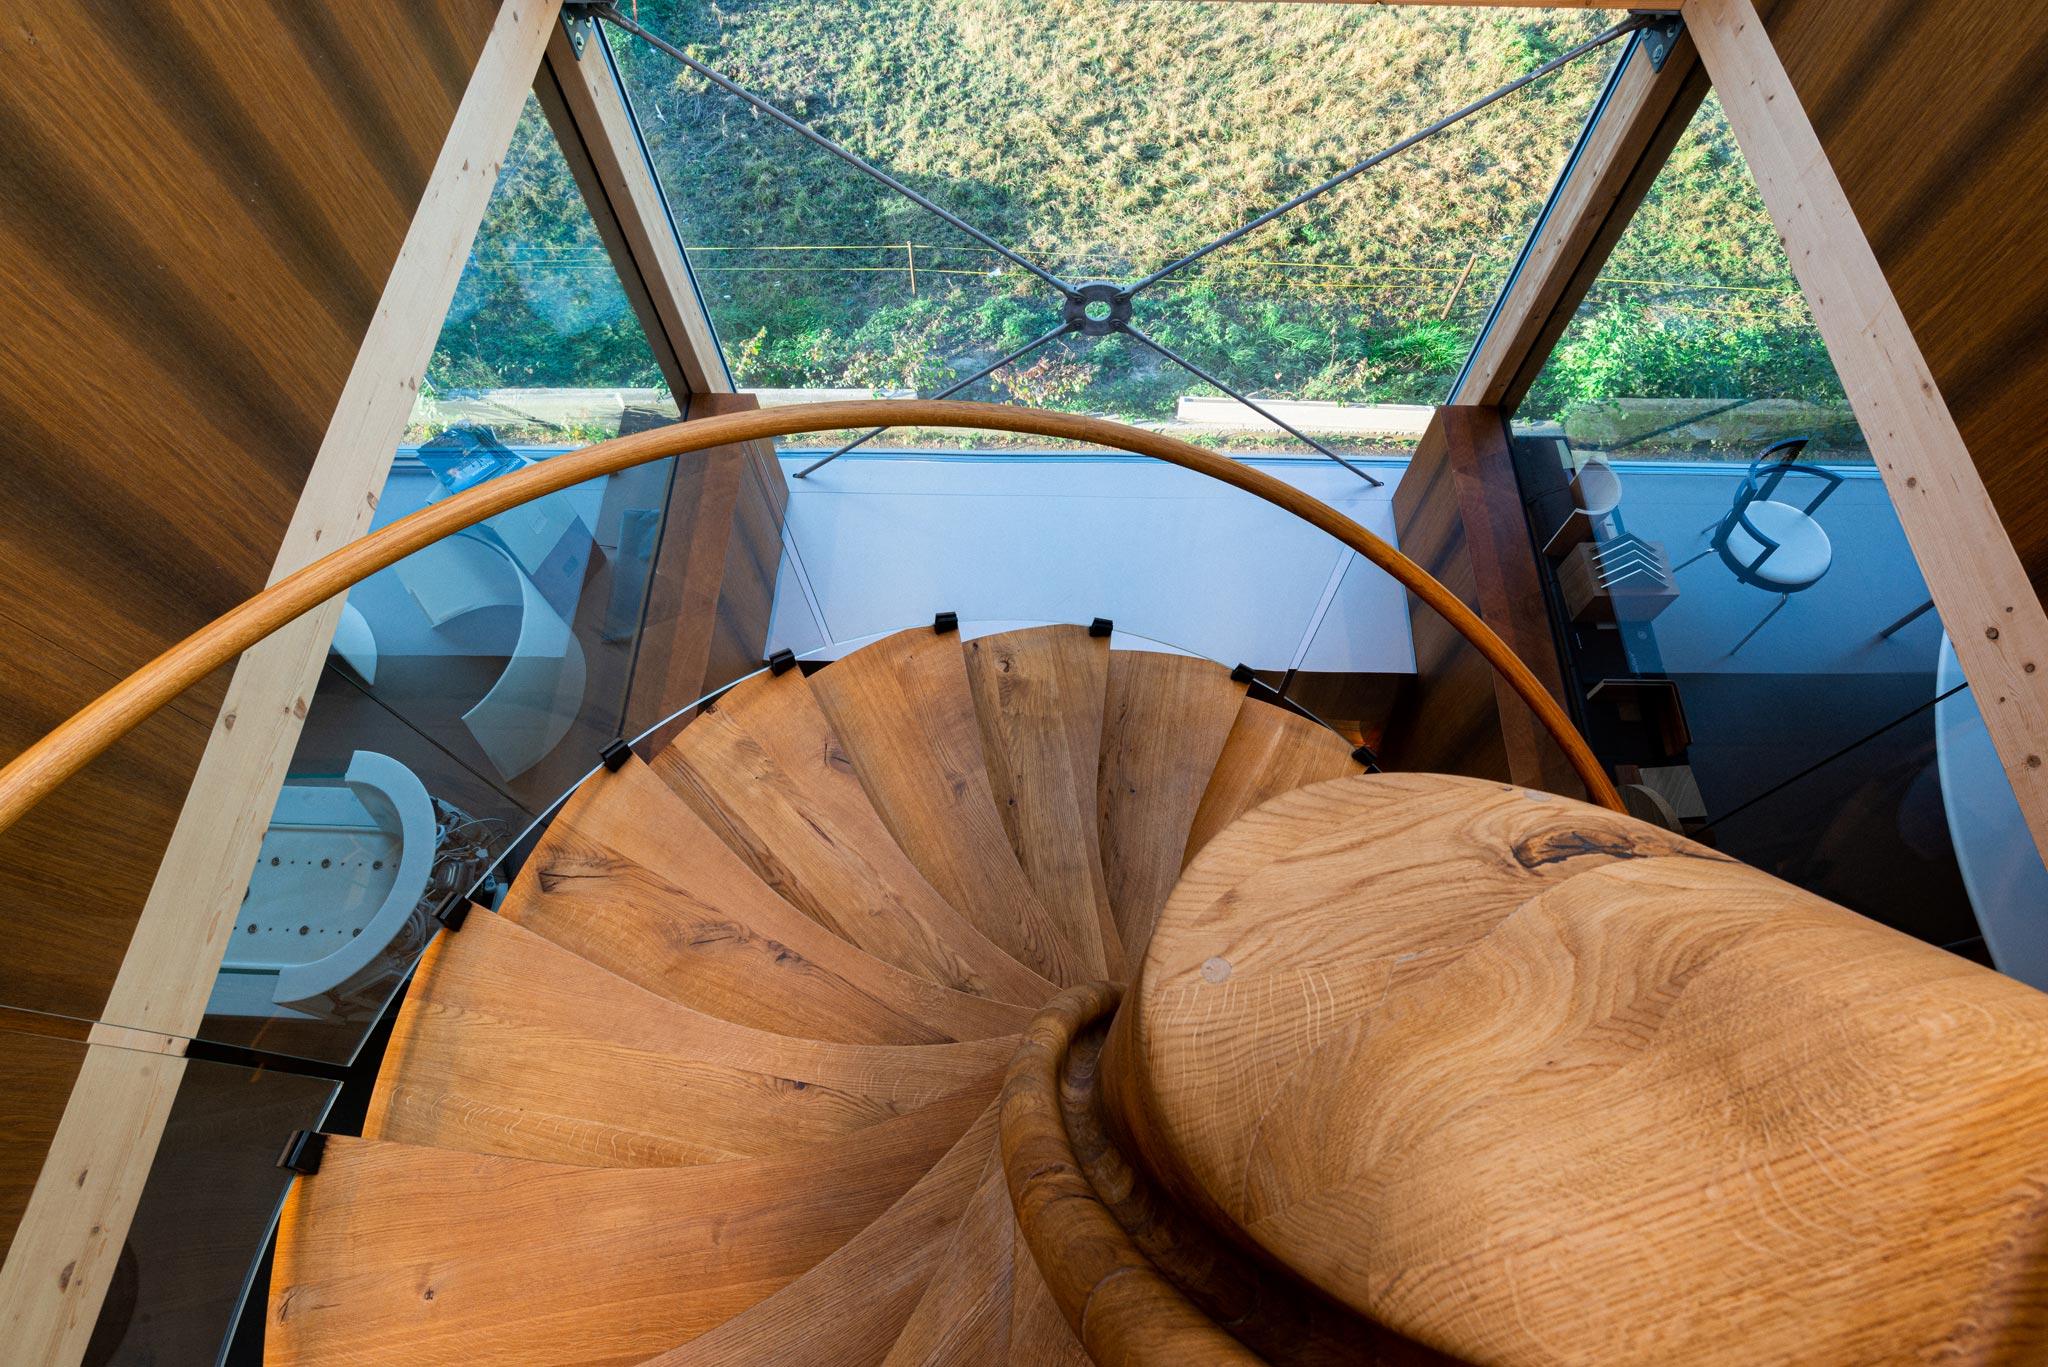 ES ShowR escalier hor 20 11 0082 - Escalier Showroom ESKISS